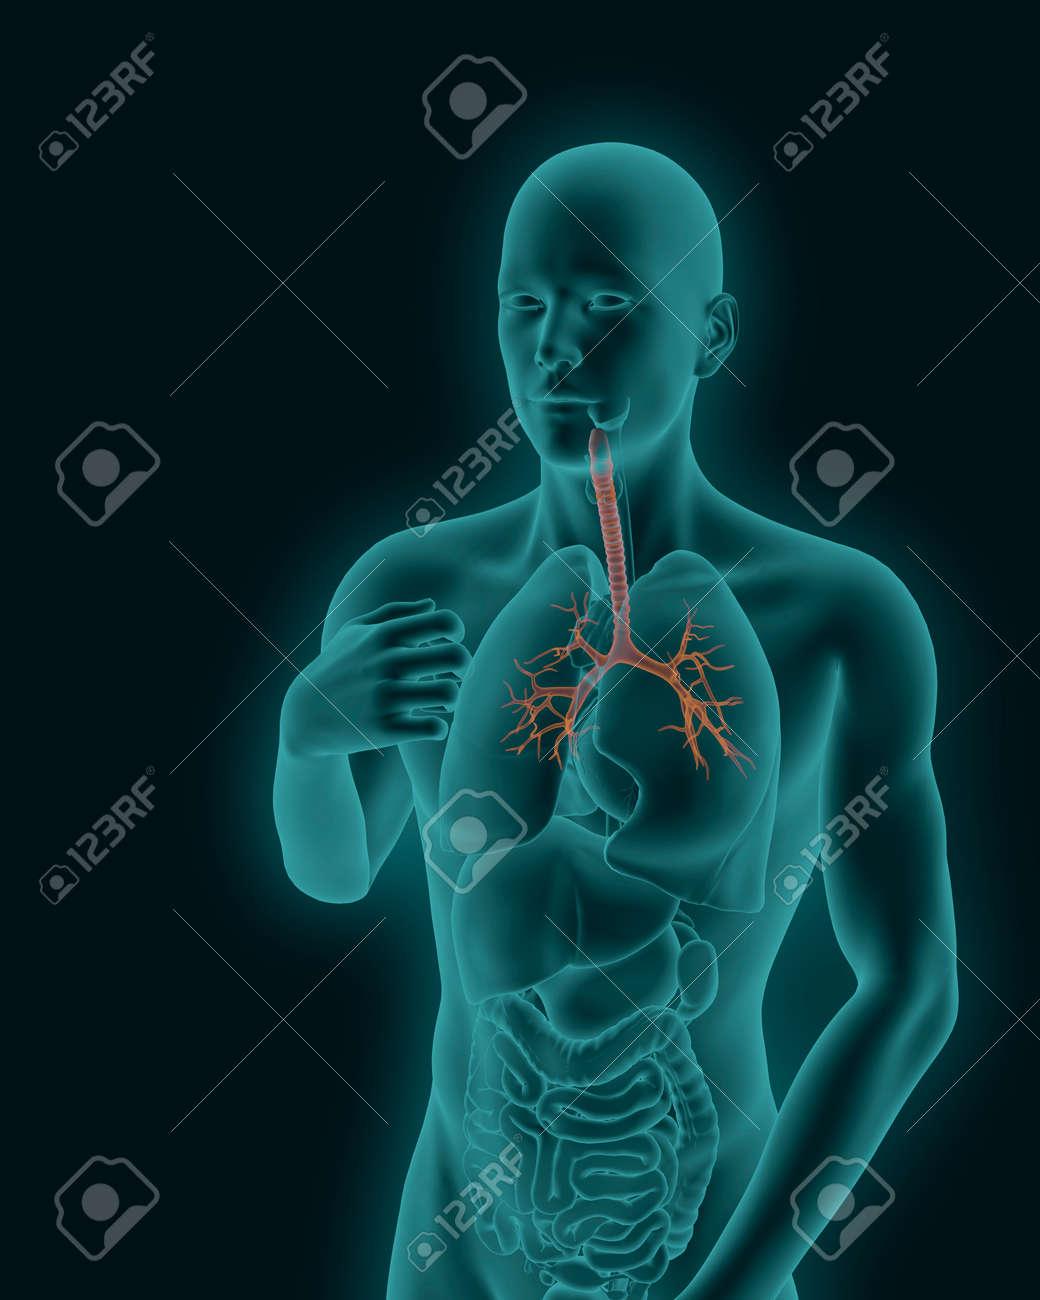 Der Menschliche Körper Röntgenscan Mit Sichtbaren Entzündeten ...